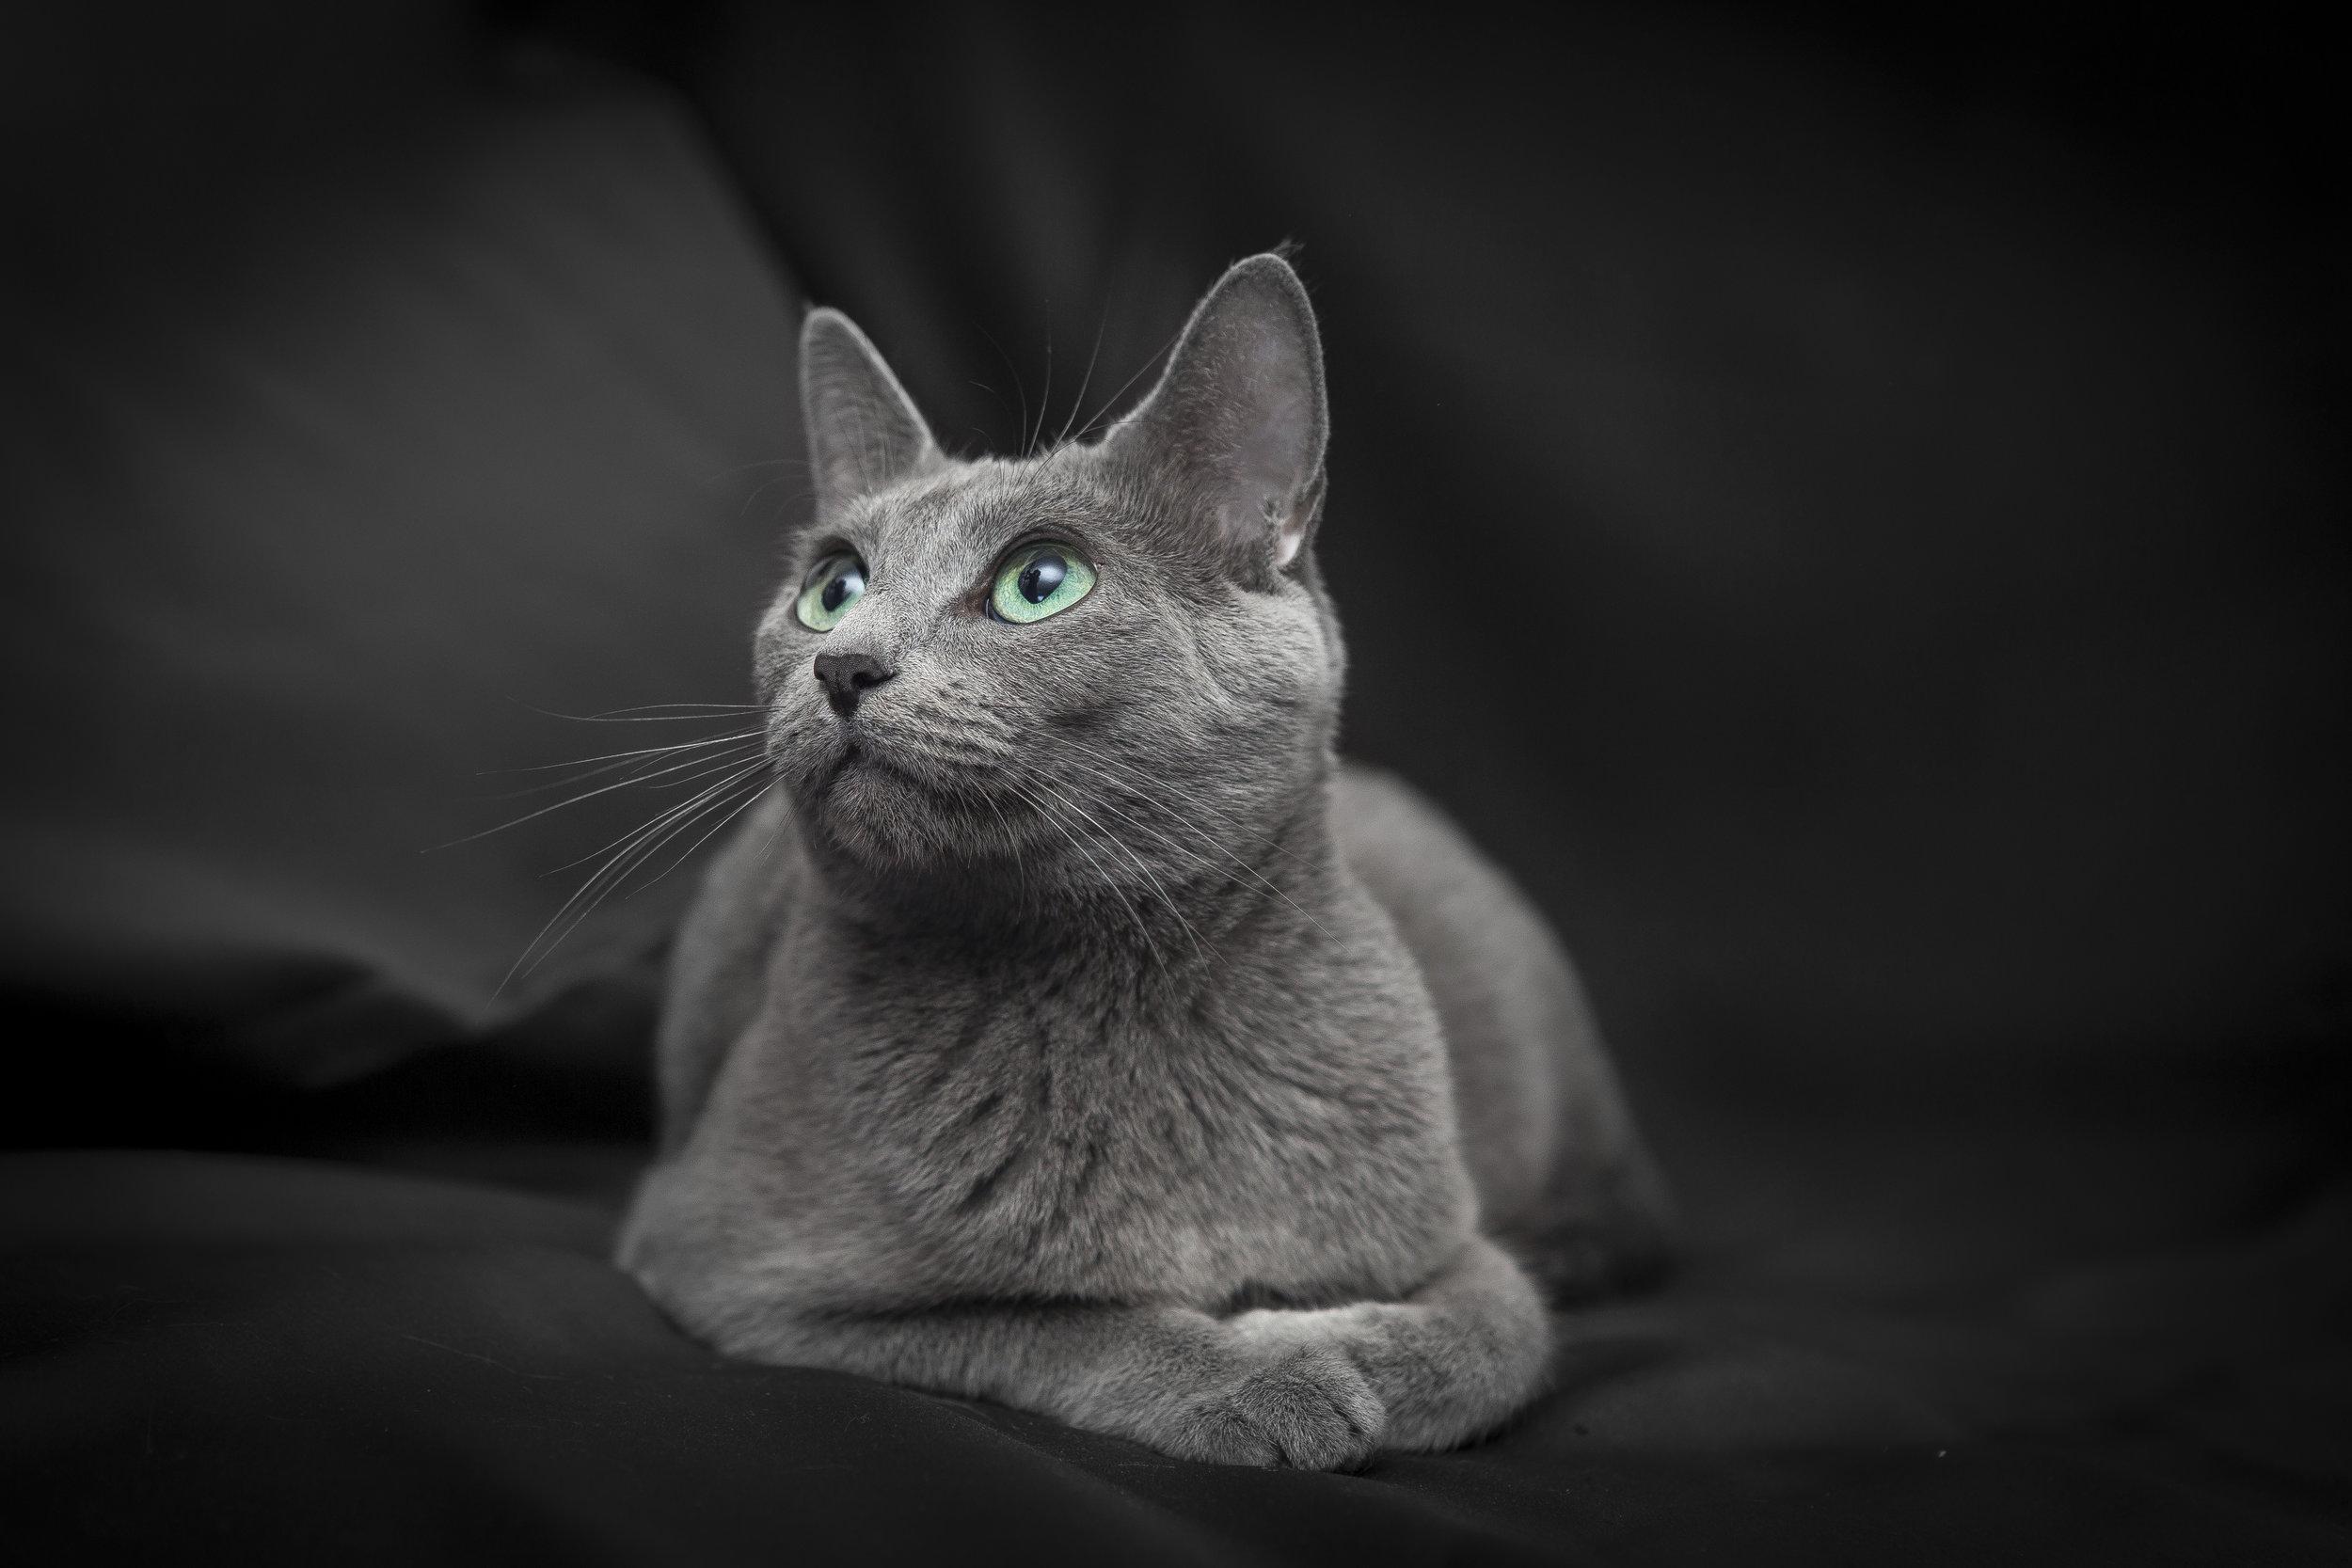 Ritratto a una gattina con occhi verdi